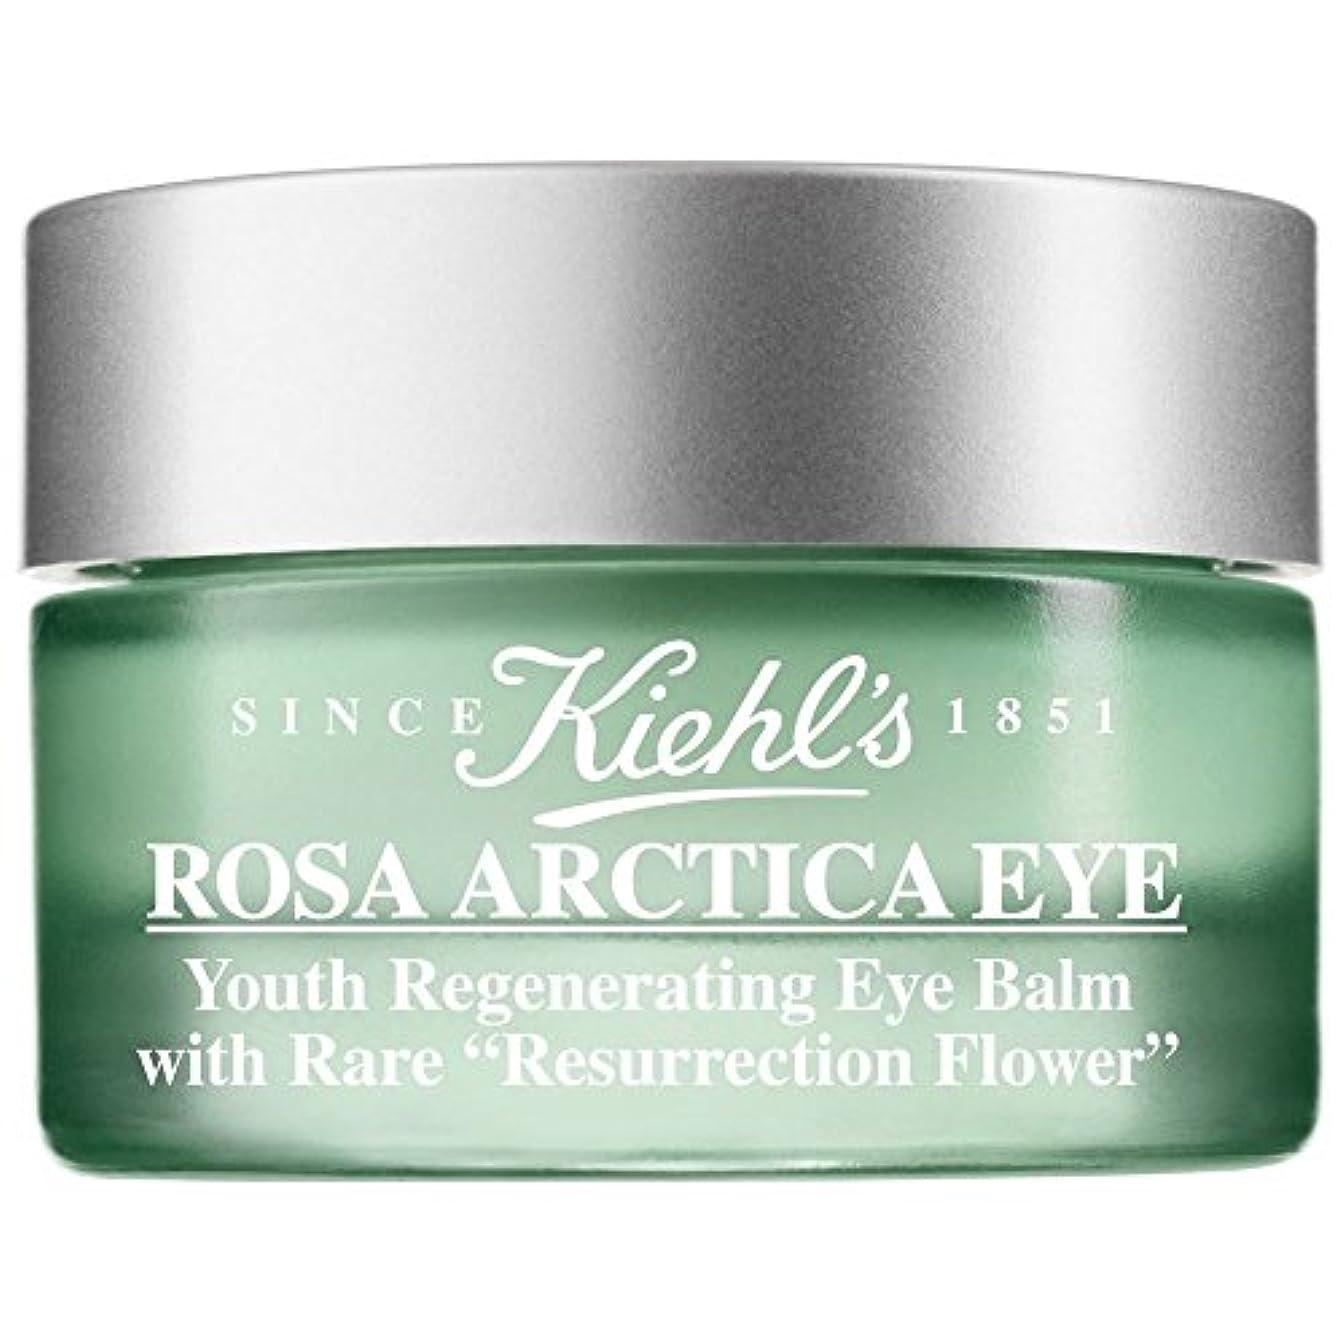 アソシエイトエイリアン成功する[Kiehl's] キールズローザArticaアイ14ミリリットル - Kiehl's Rosa Artica Eye 14ml [並行輸入品]